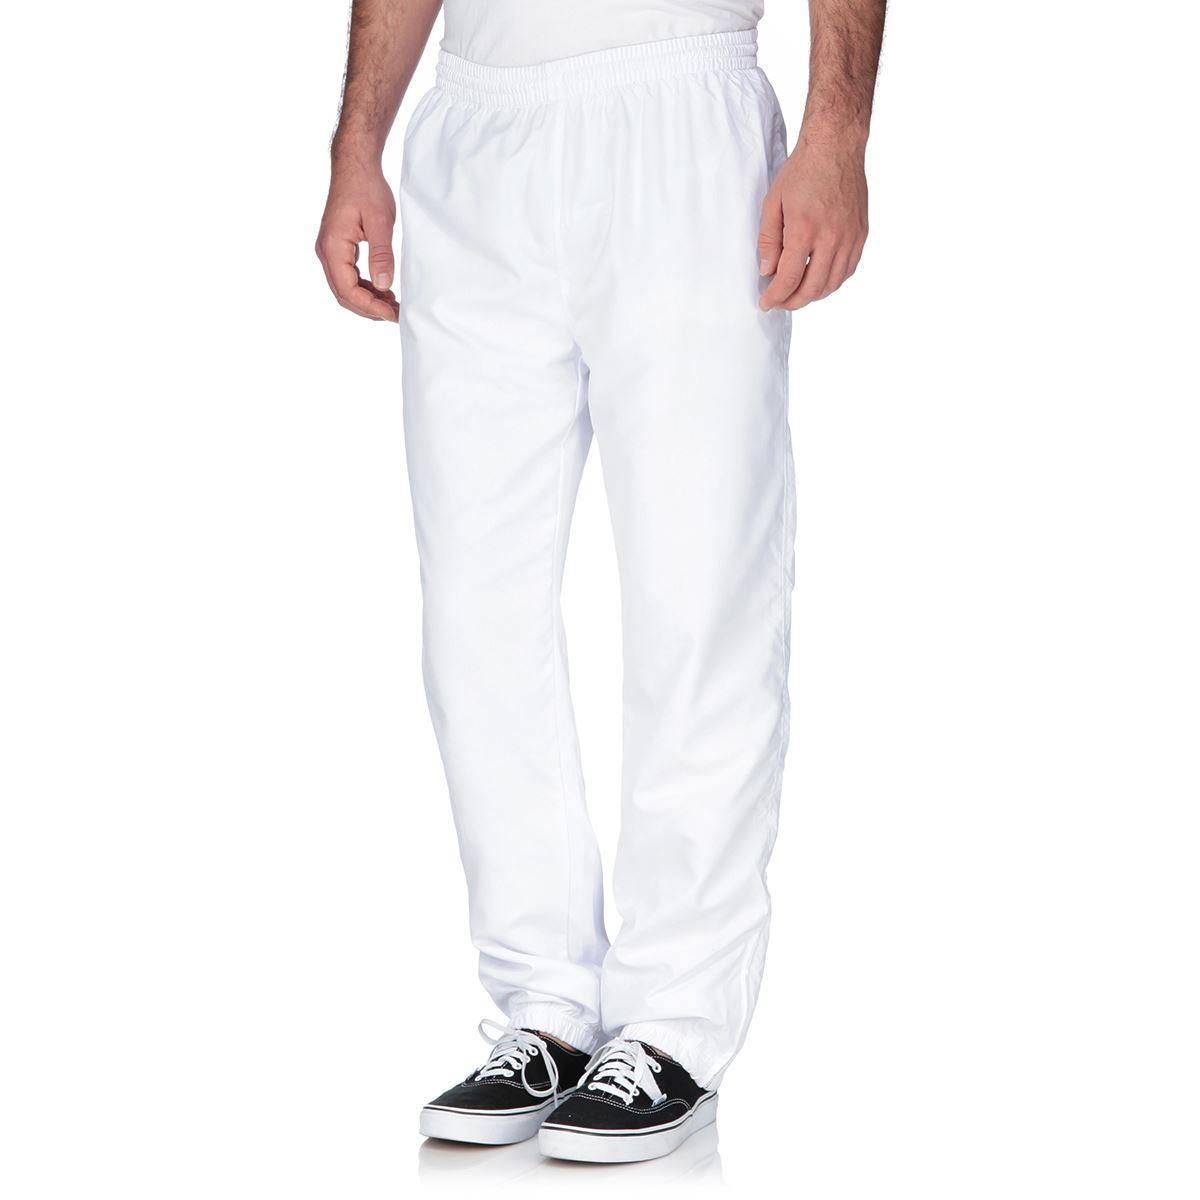 Pantalon en lin pour homme blanc id e for Pantalon de cuisine homme